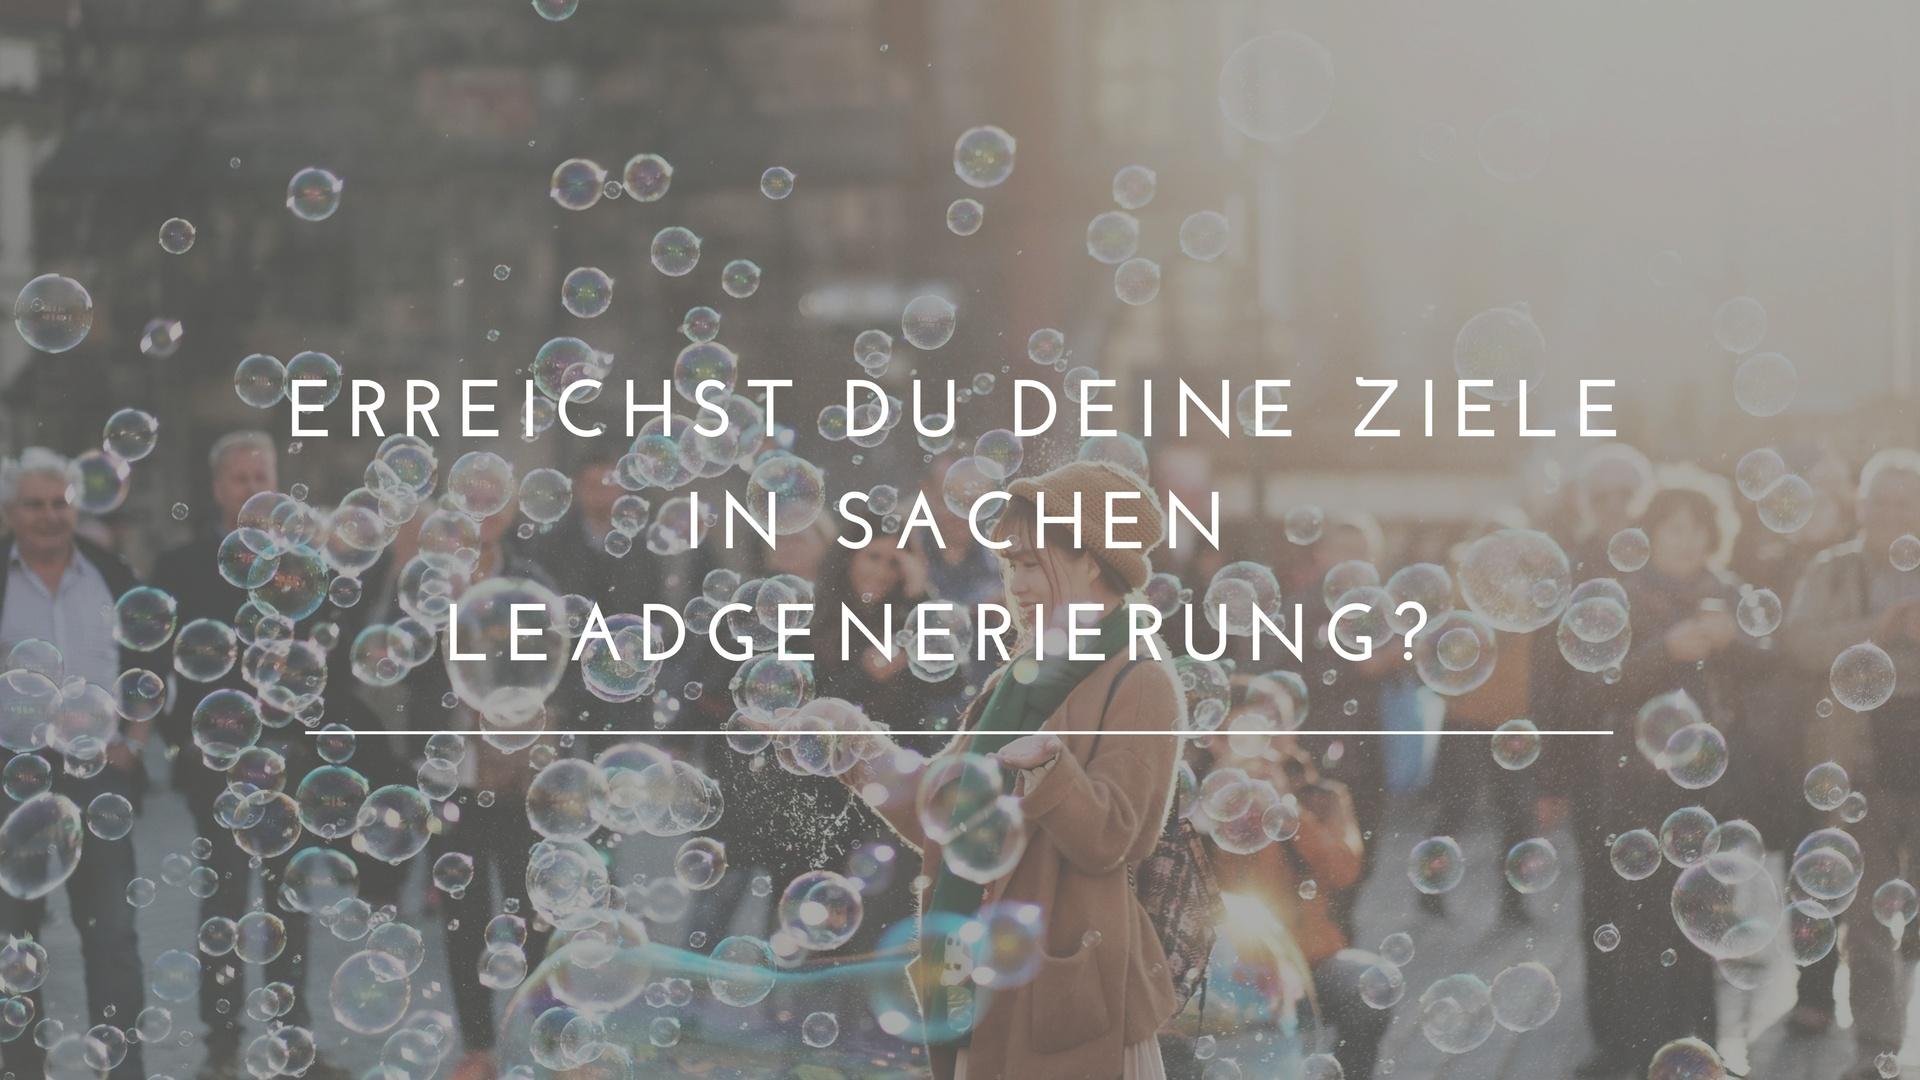 Leadgenerierung_steigern.jpg